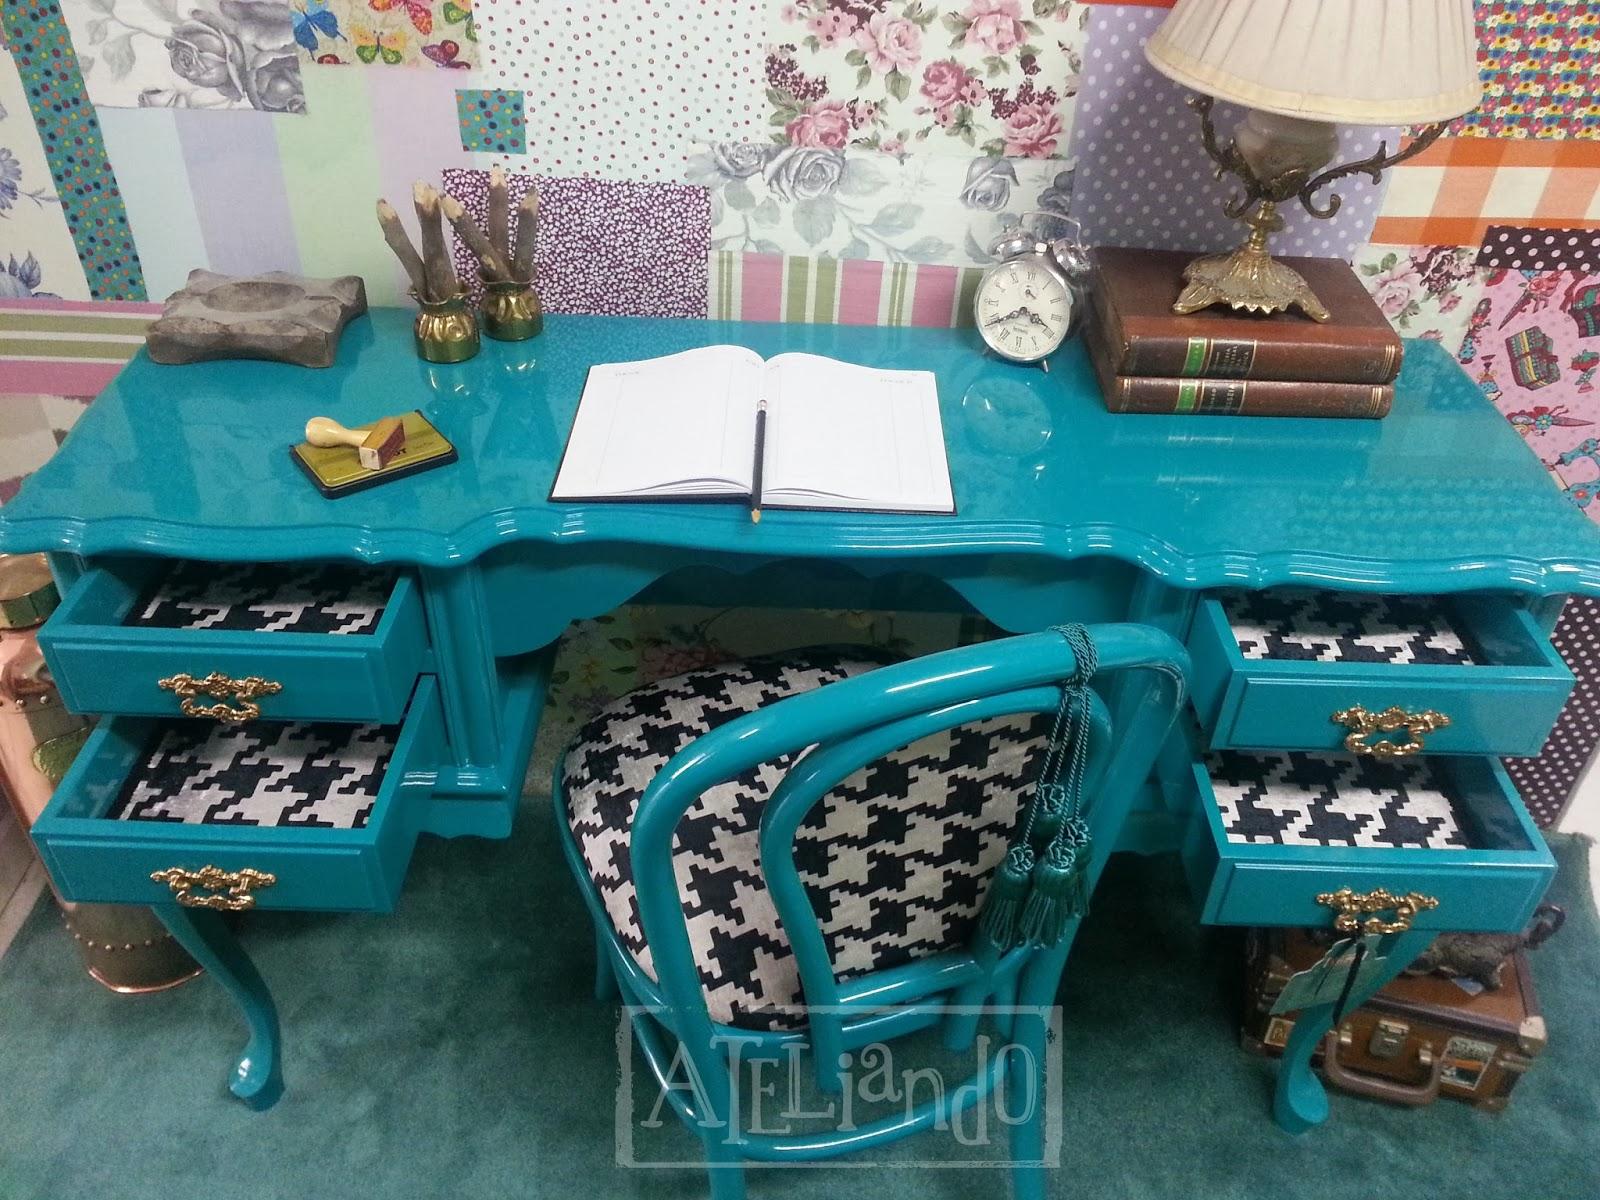 /AAAAAAAAEWU/plgxY7L79Dg/s1600/Escrivaninha e cadeira antiga  #0D505C 1600x1200